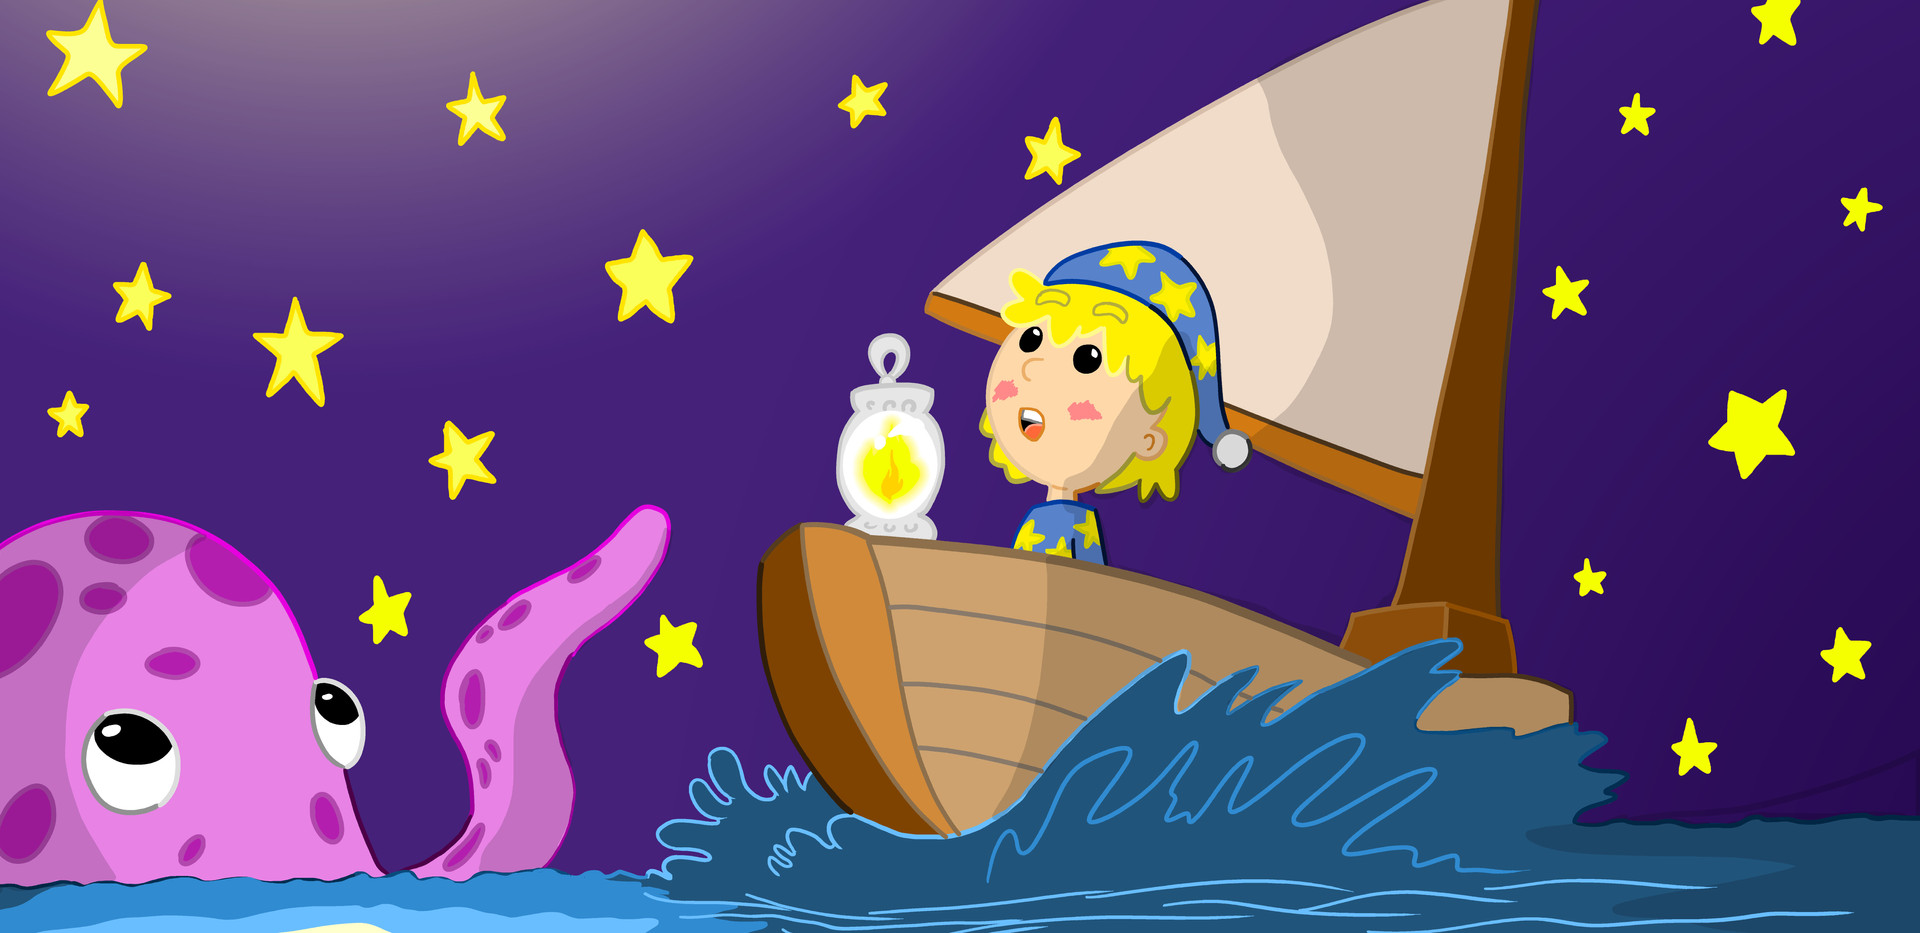 ChildrenBook-Colored-Ocean-Porgress-4.jp